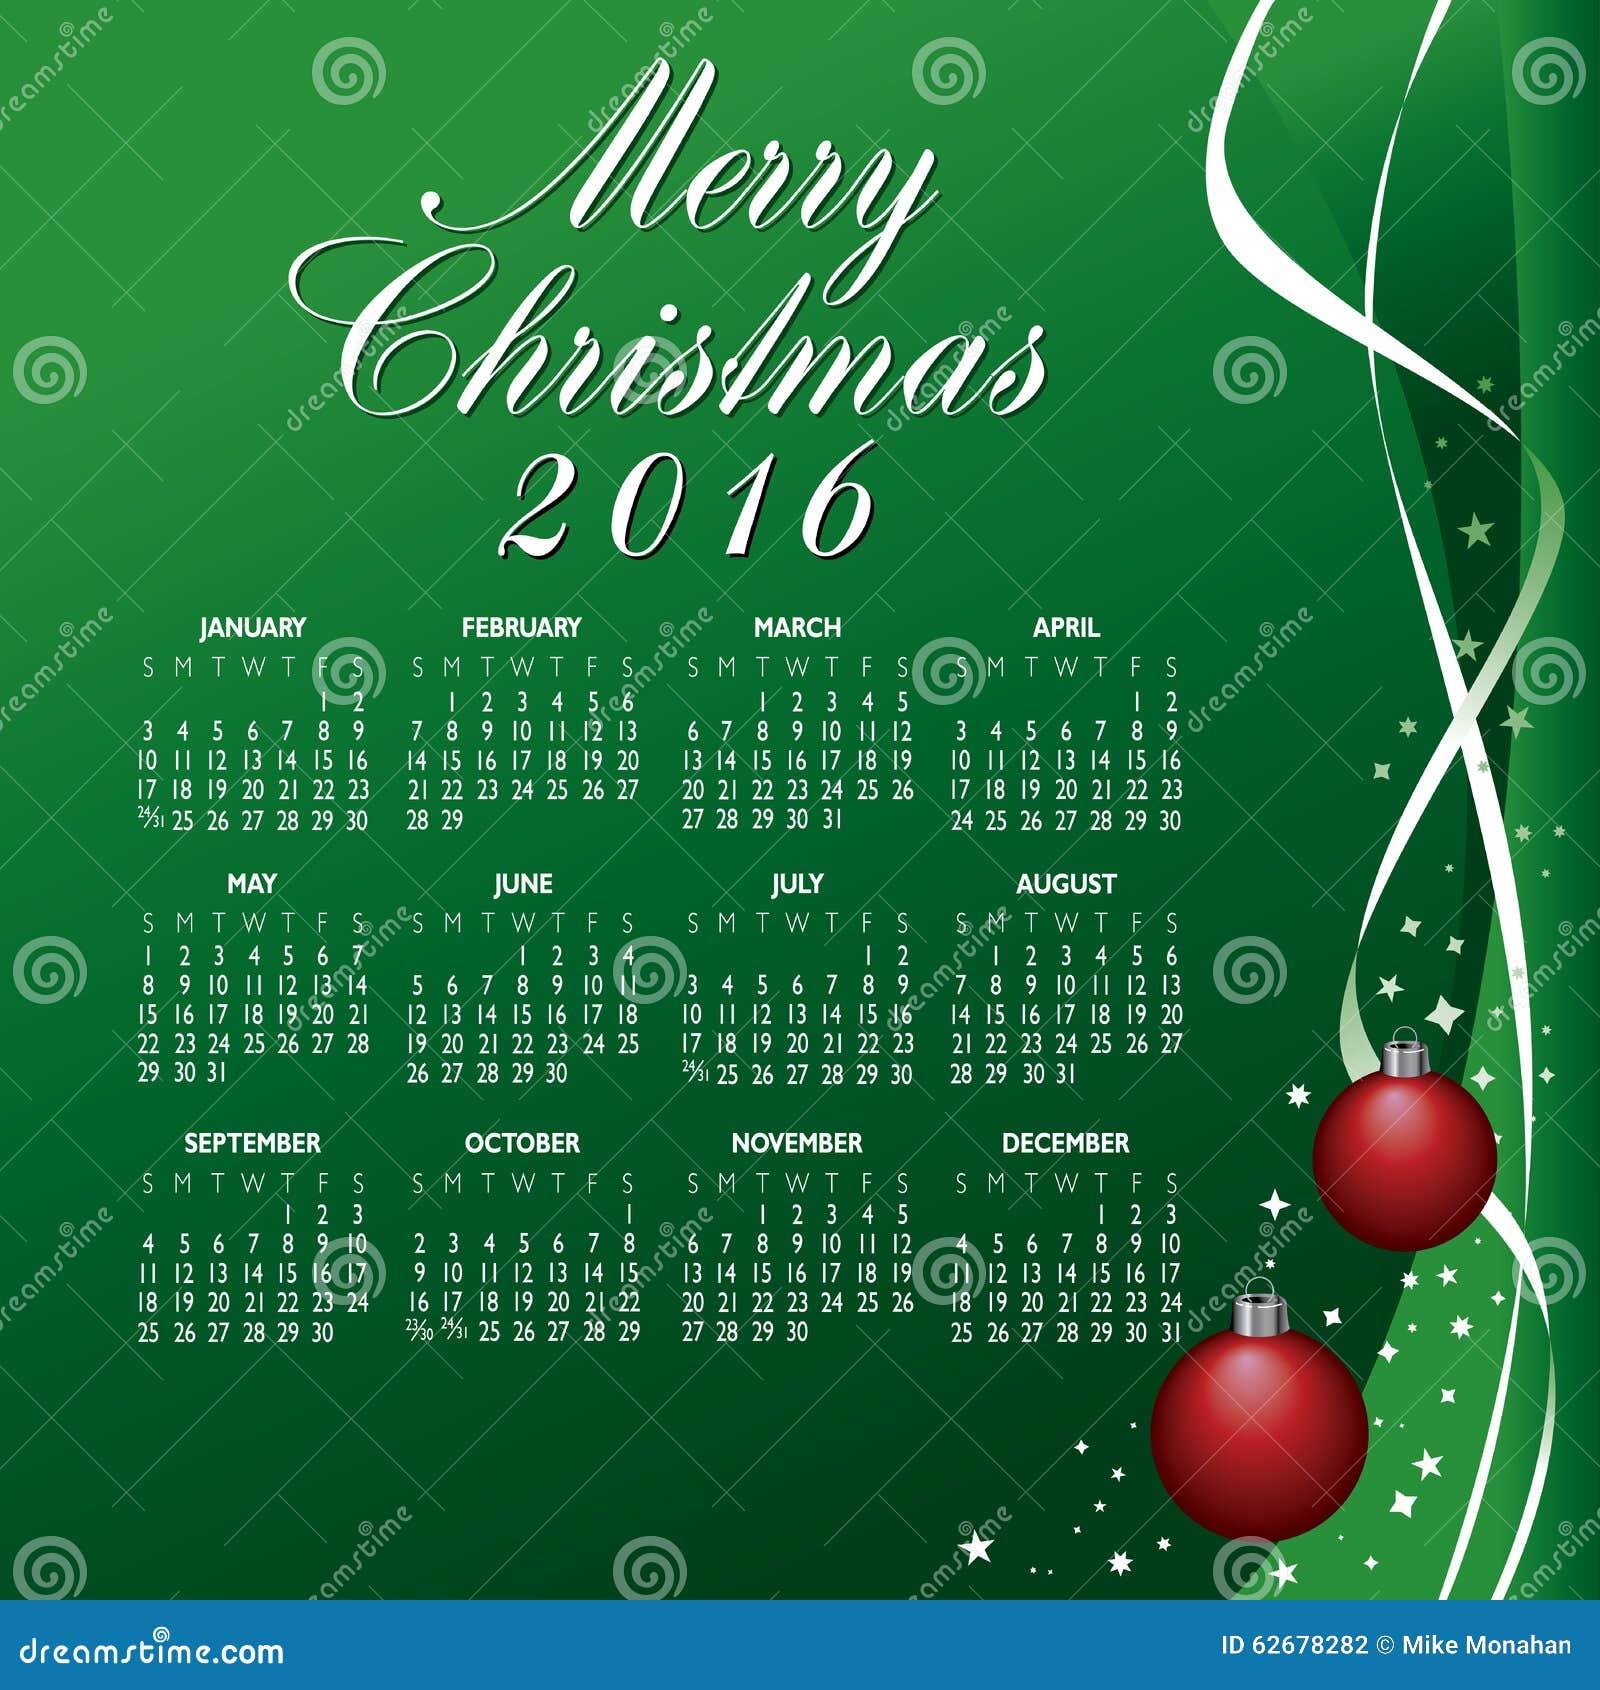 2016 Creative Christmas Calendar Stock Vector - Image: 62678282